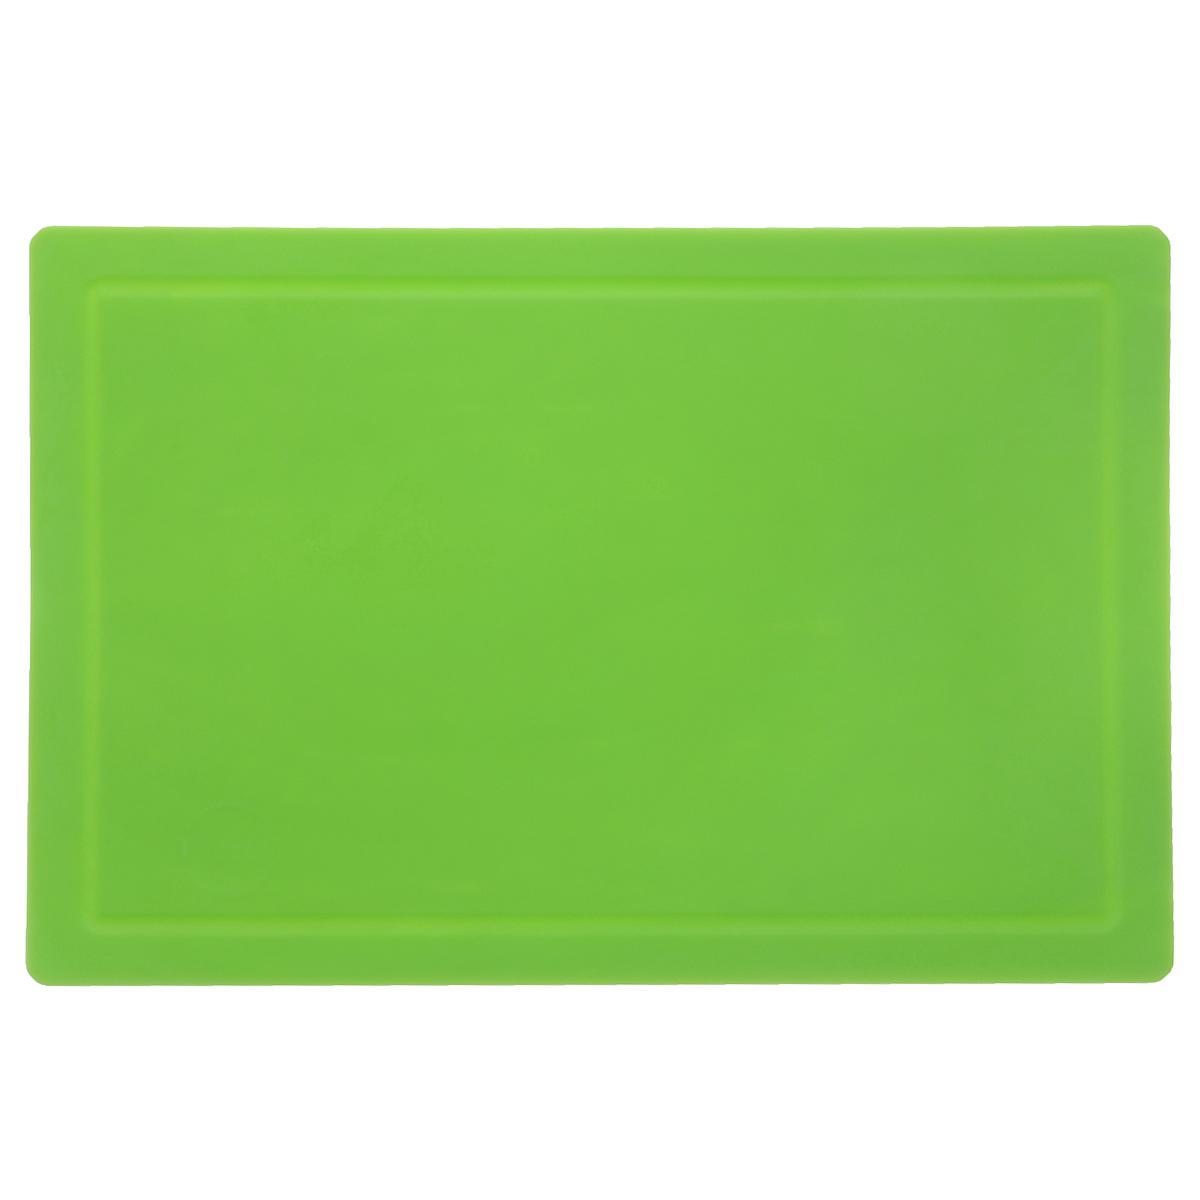 Доска разделочная TimA, цвет: зеленый, 36 см х 25 смДРГ-3625Гибкая разделочная доска TimA, изготовленная из высококачественного полиуретана, займет достойное место среди аксессуаров на вашей кухне. Благодаря гибкости, с доски удобно высыпать нарезанные продукты. Она не тупит металлические и керамические ножи. Не впитывает влагу и легко моется. Обладает исключительной прочностью и износостойкостью.Доска TimA прекрасно подойдет для нарезки любых продуктов.